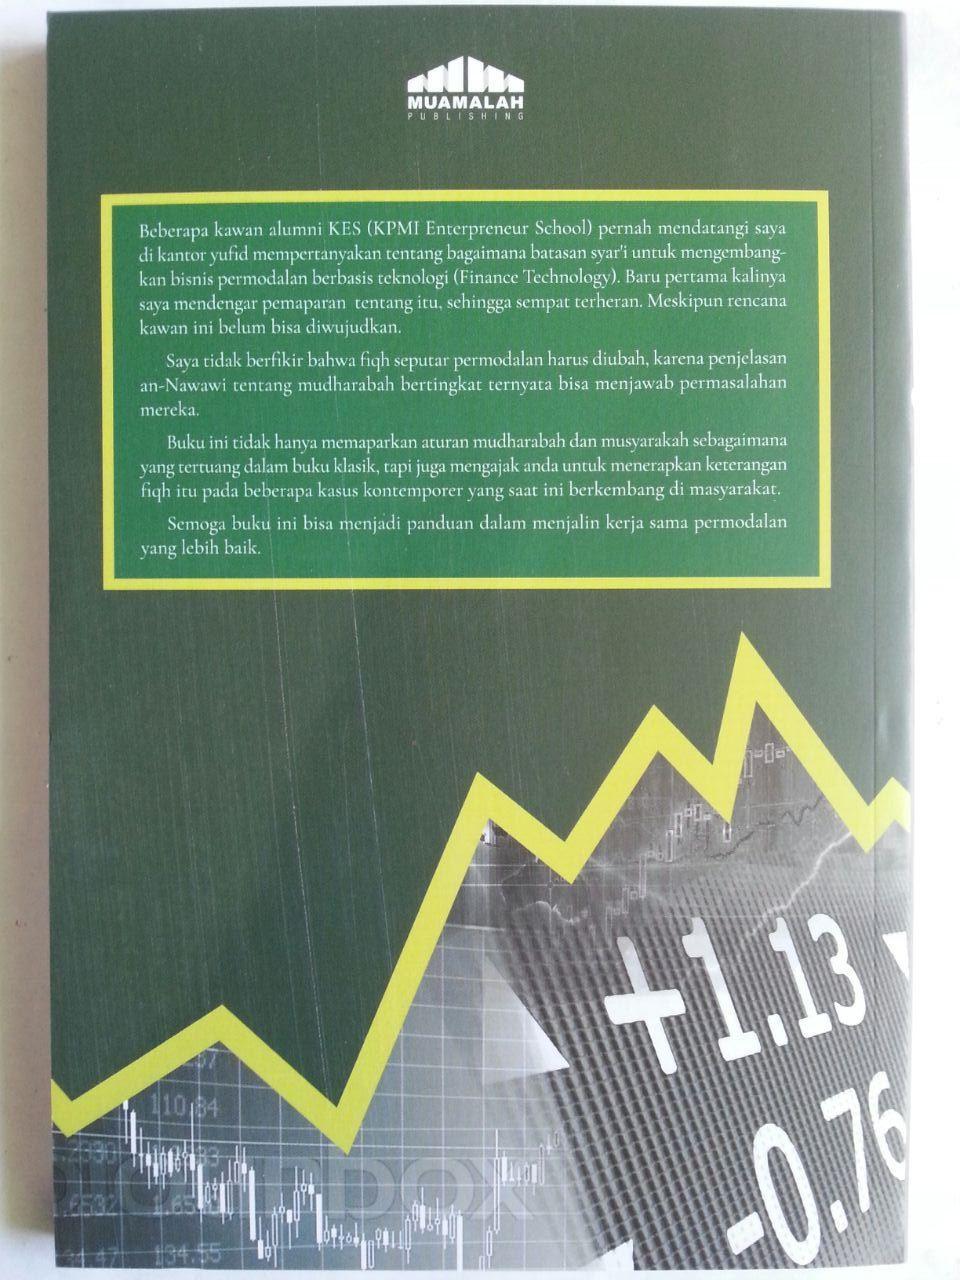 Buku Pengantar Permodalan Dalam Islam cover 2